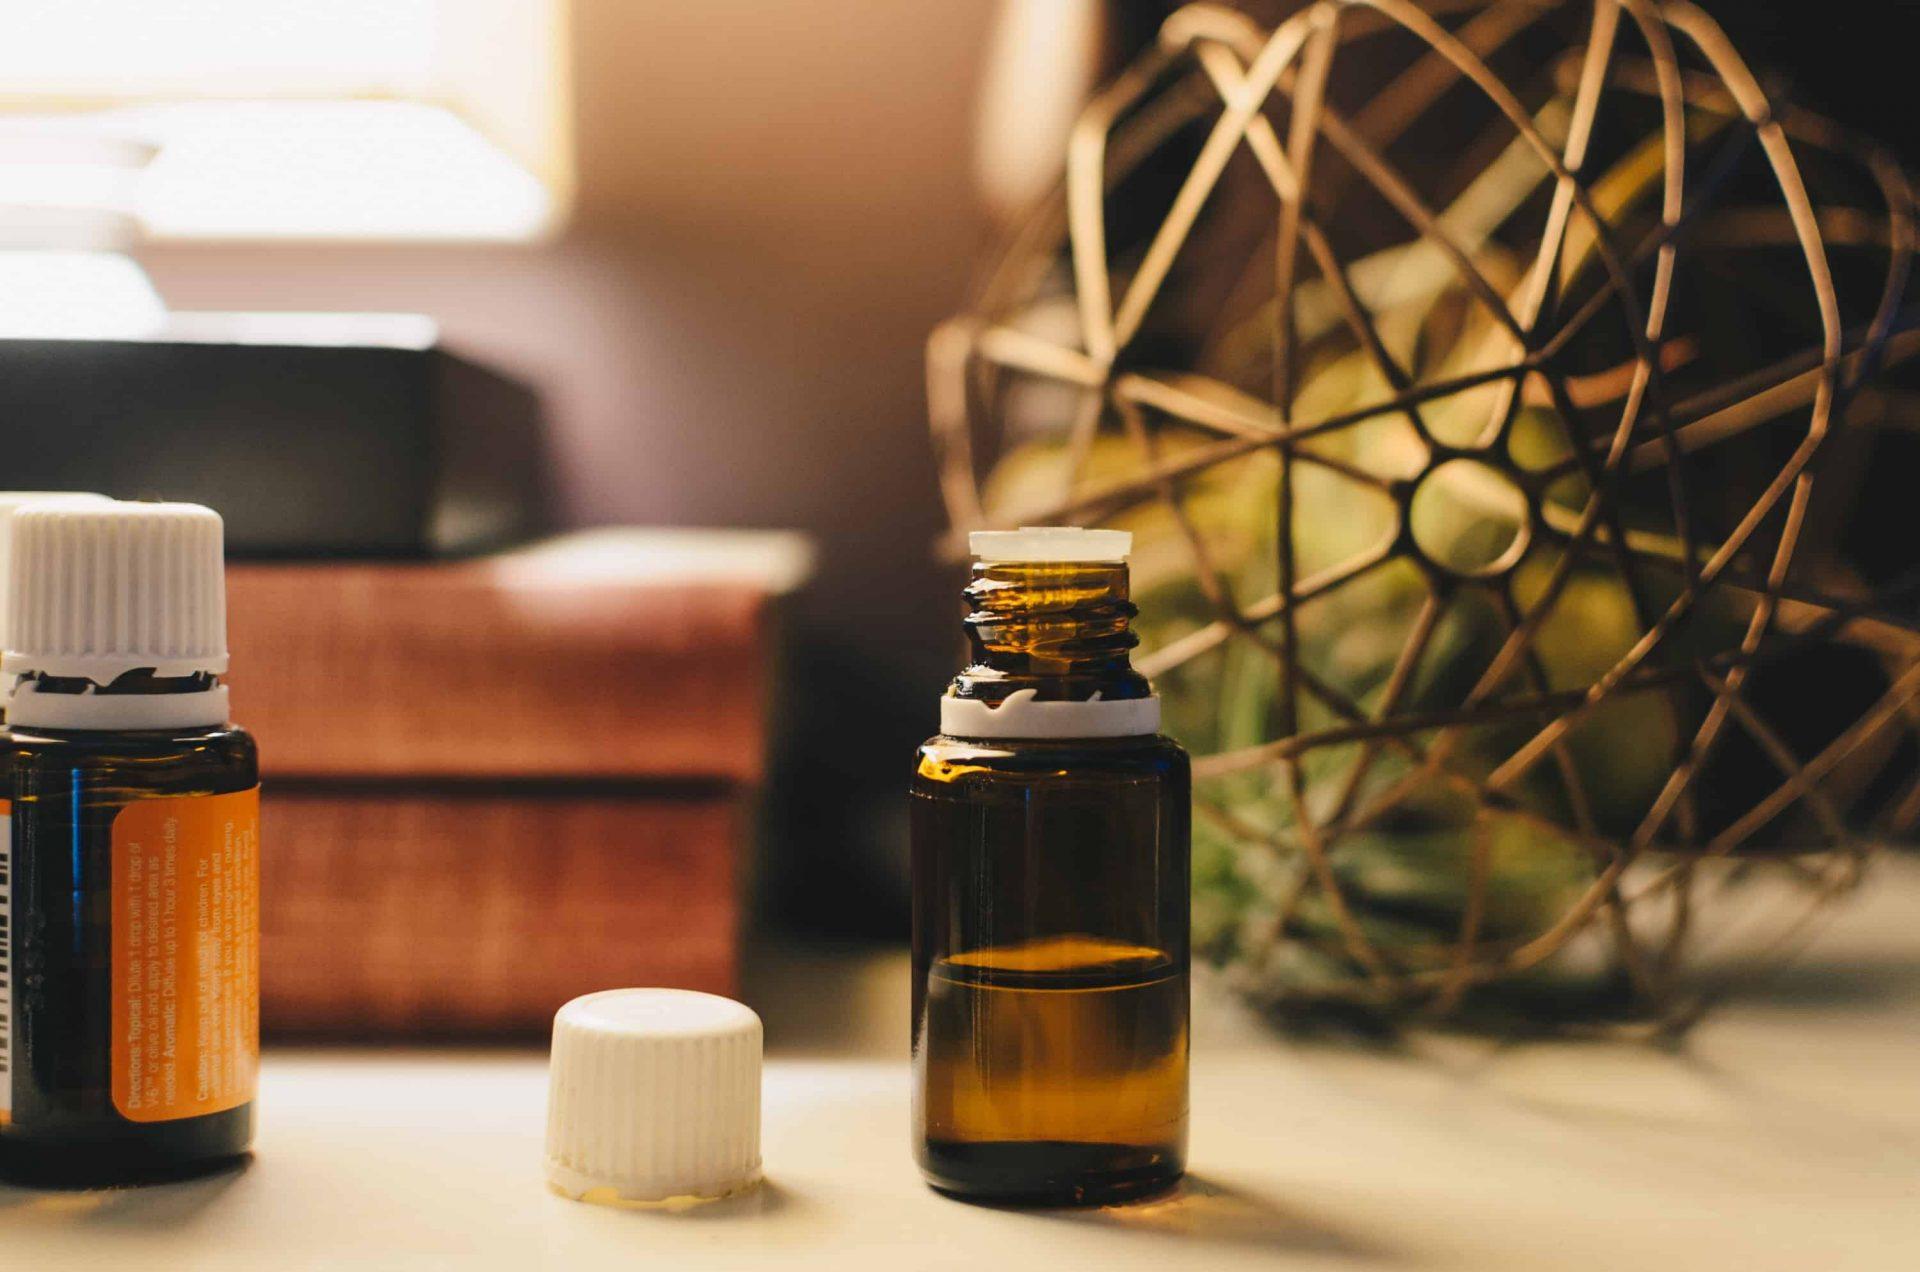 CBD oil in a bottle on a desk